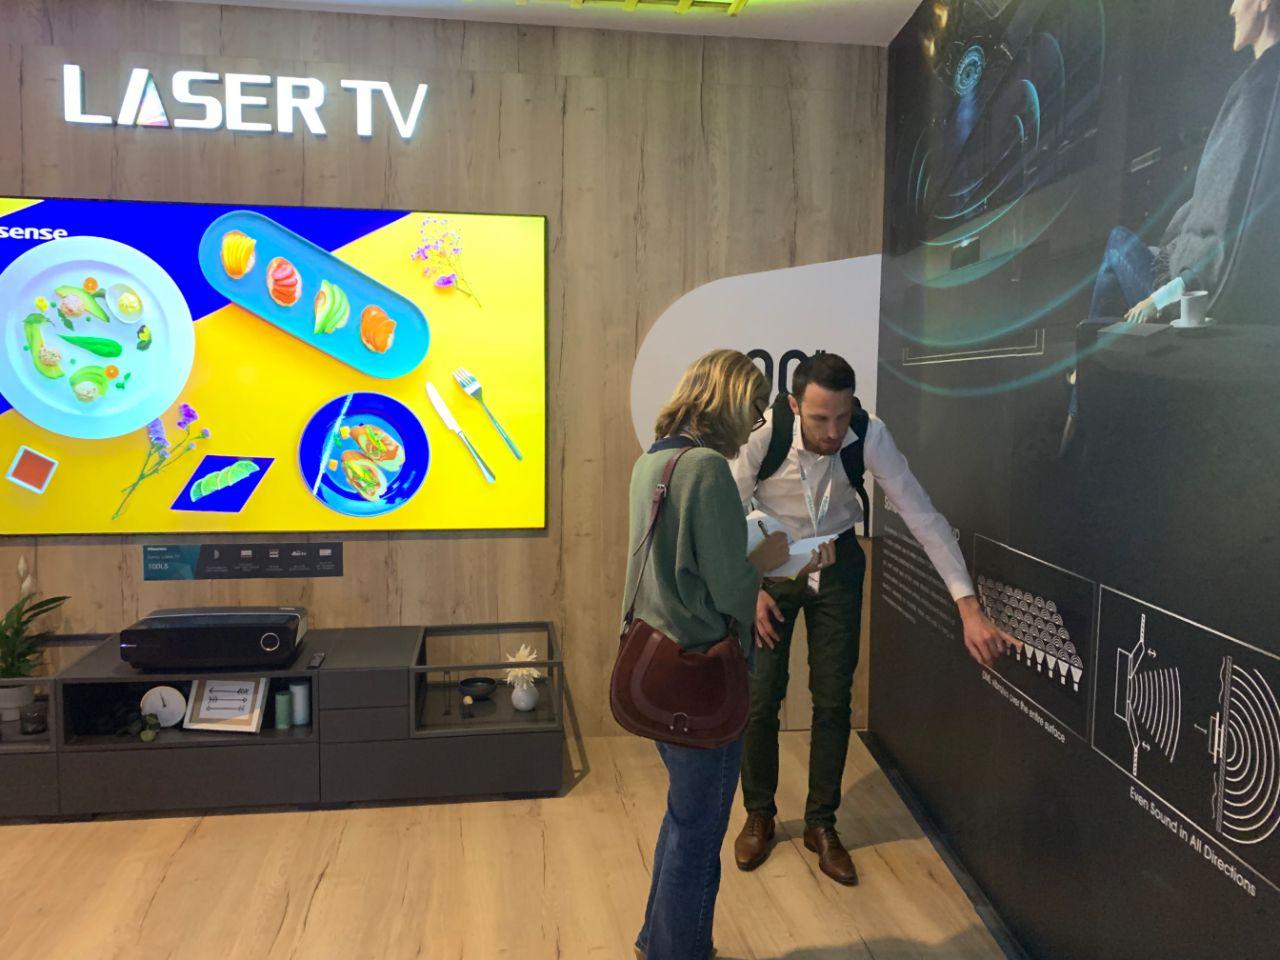 技术新突破!海信IFA发布屏幕发声激光电视-视听圈